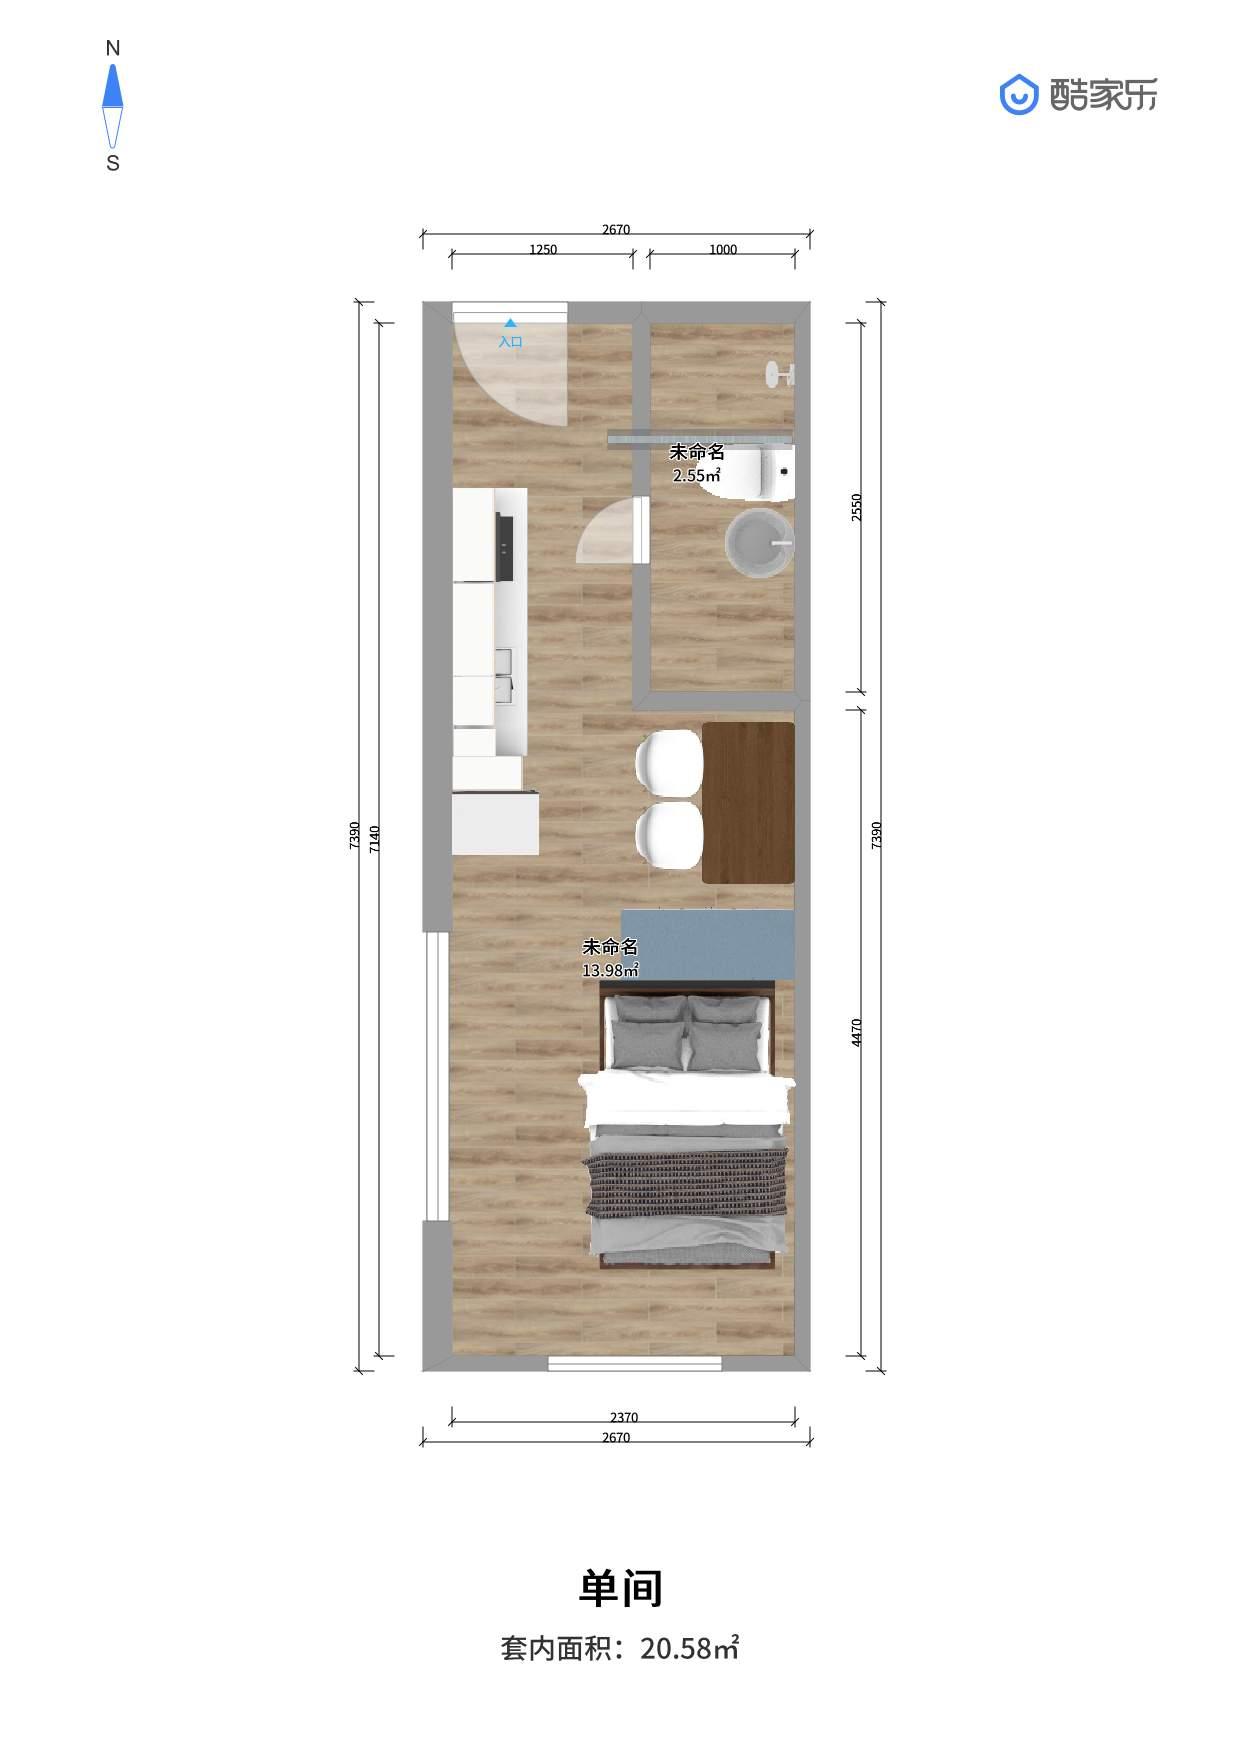 电梯厨房小单房 · 泊寓-国际会展中心社区